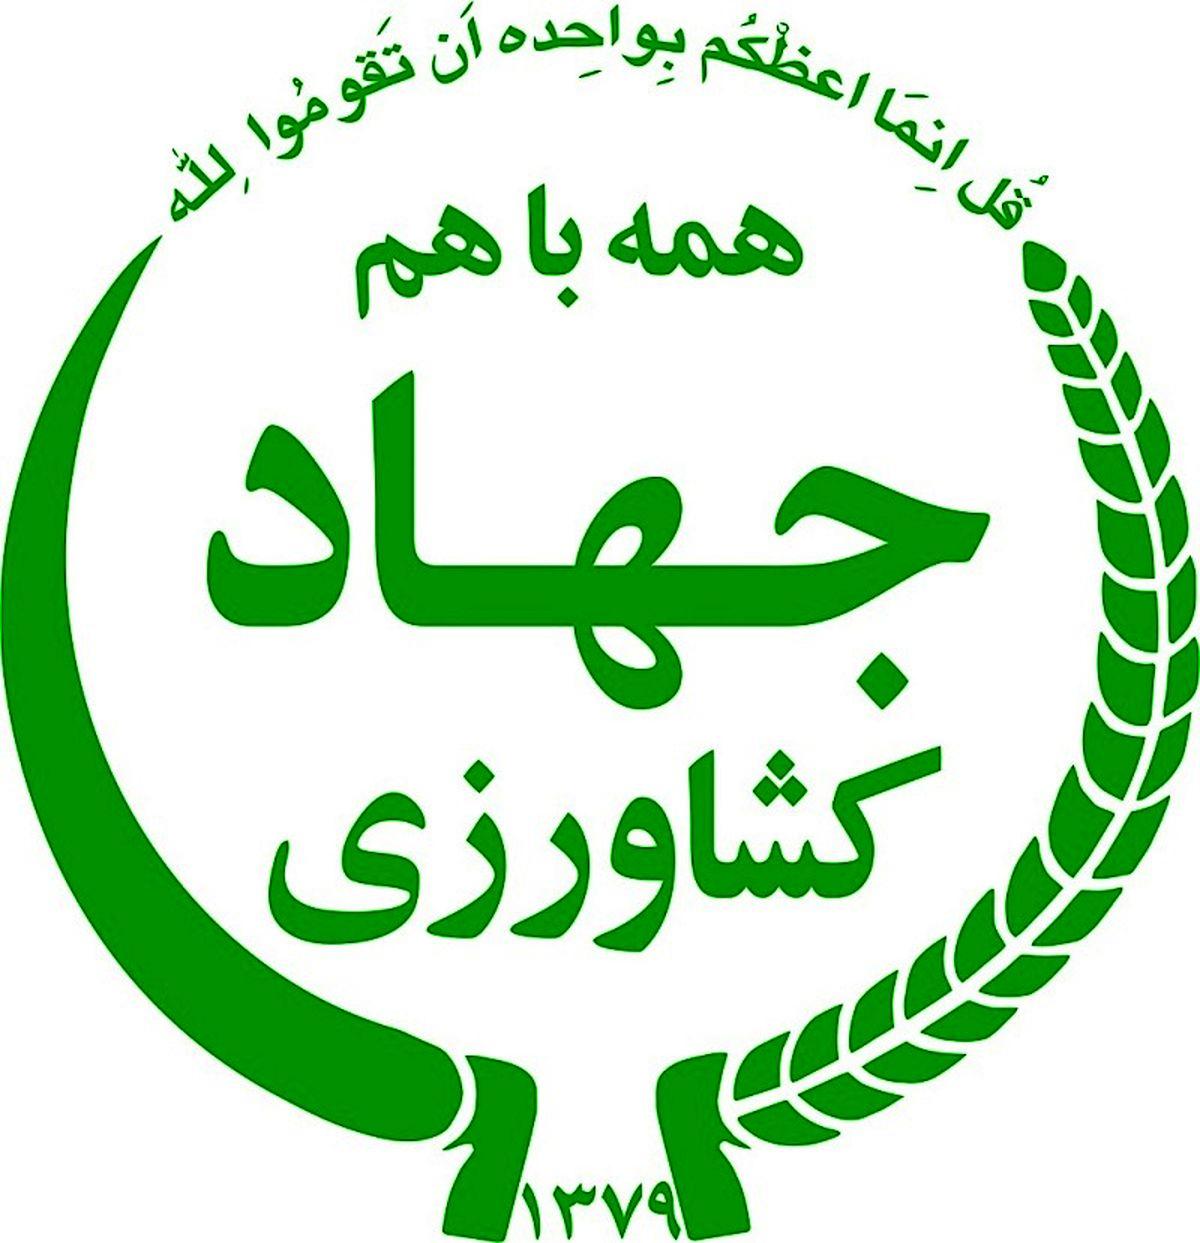 سه انتصاب جدید در وزارت جهاد کشاورزی